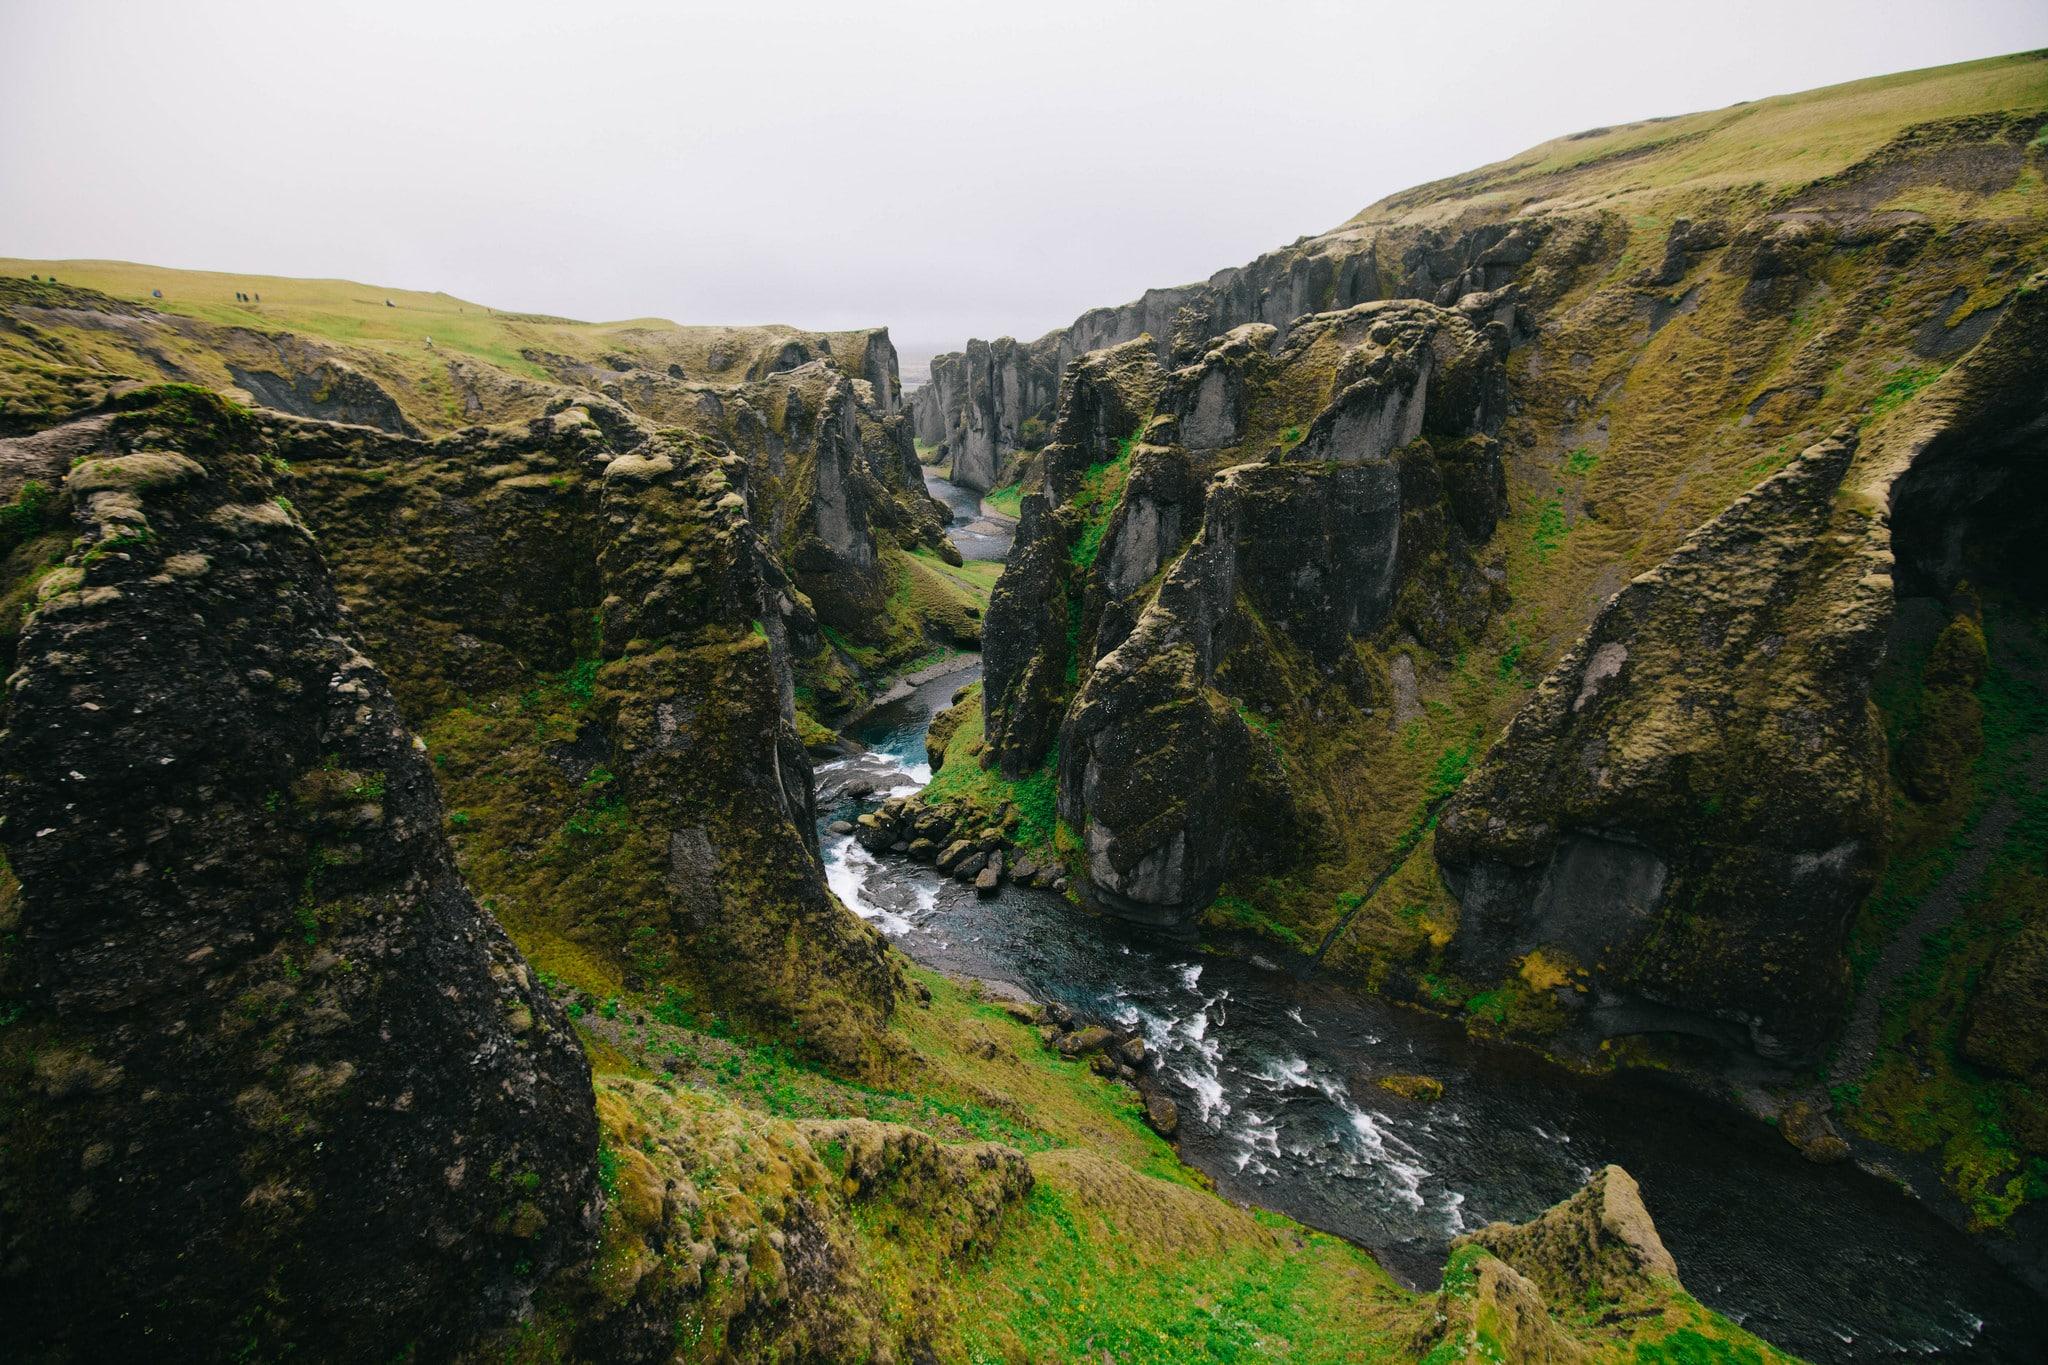 Islanti - Terveiset tulen ja jään maasta